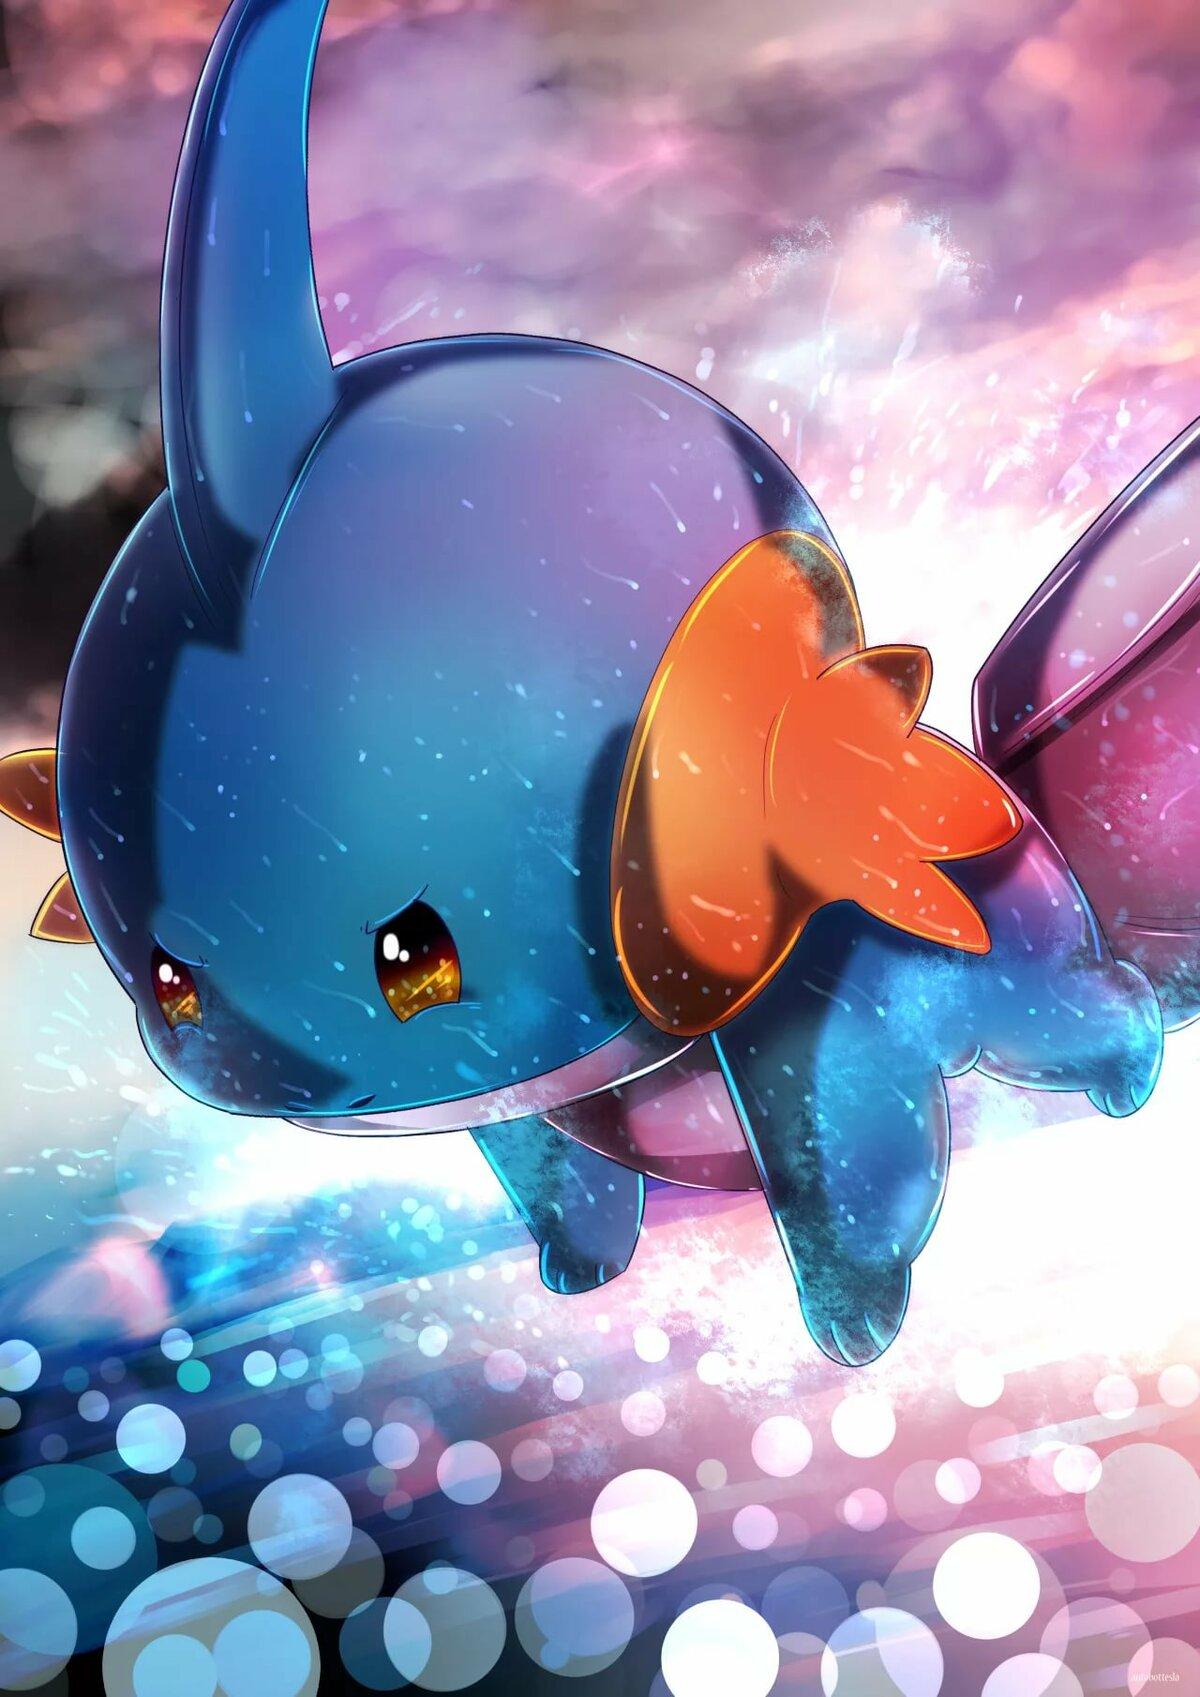 Картинки обычных покемонов